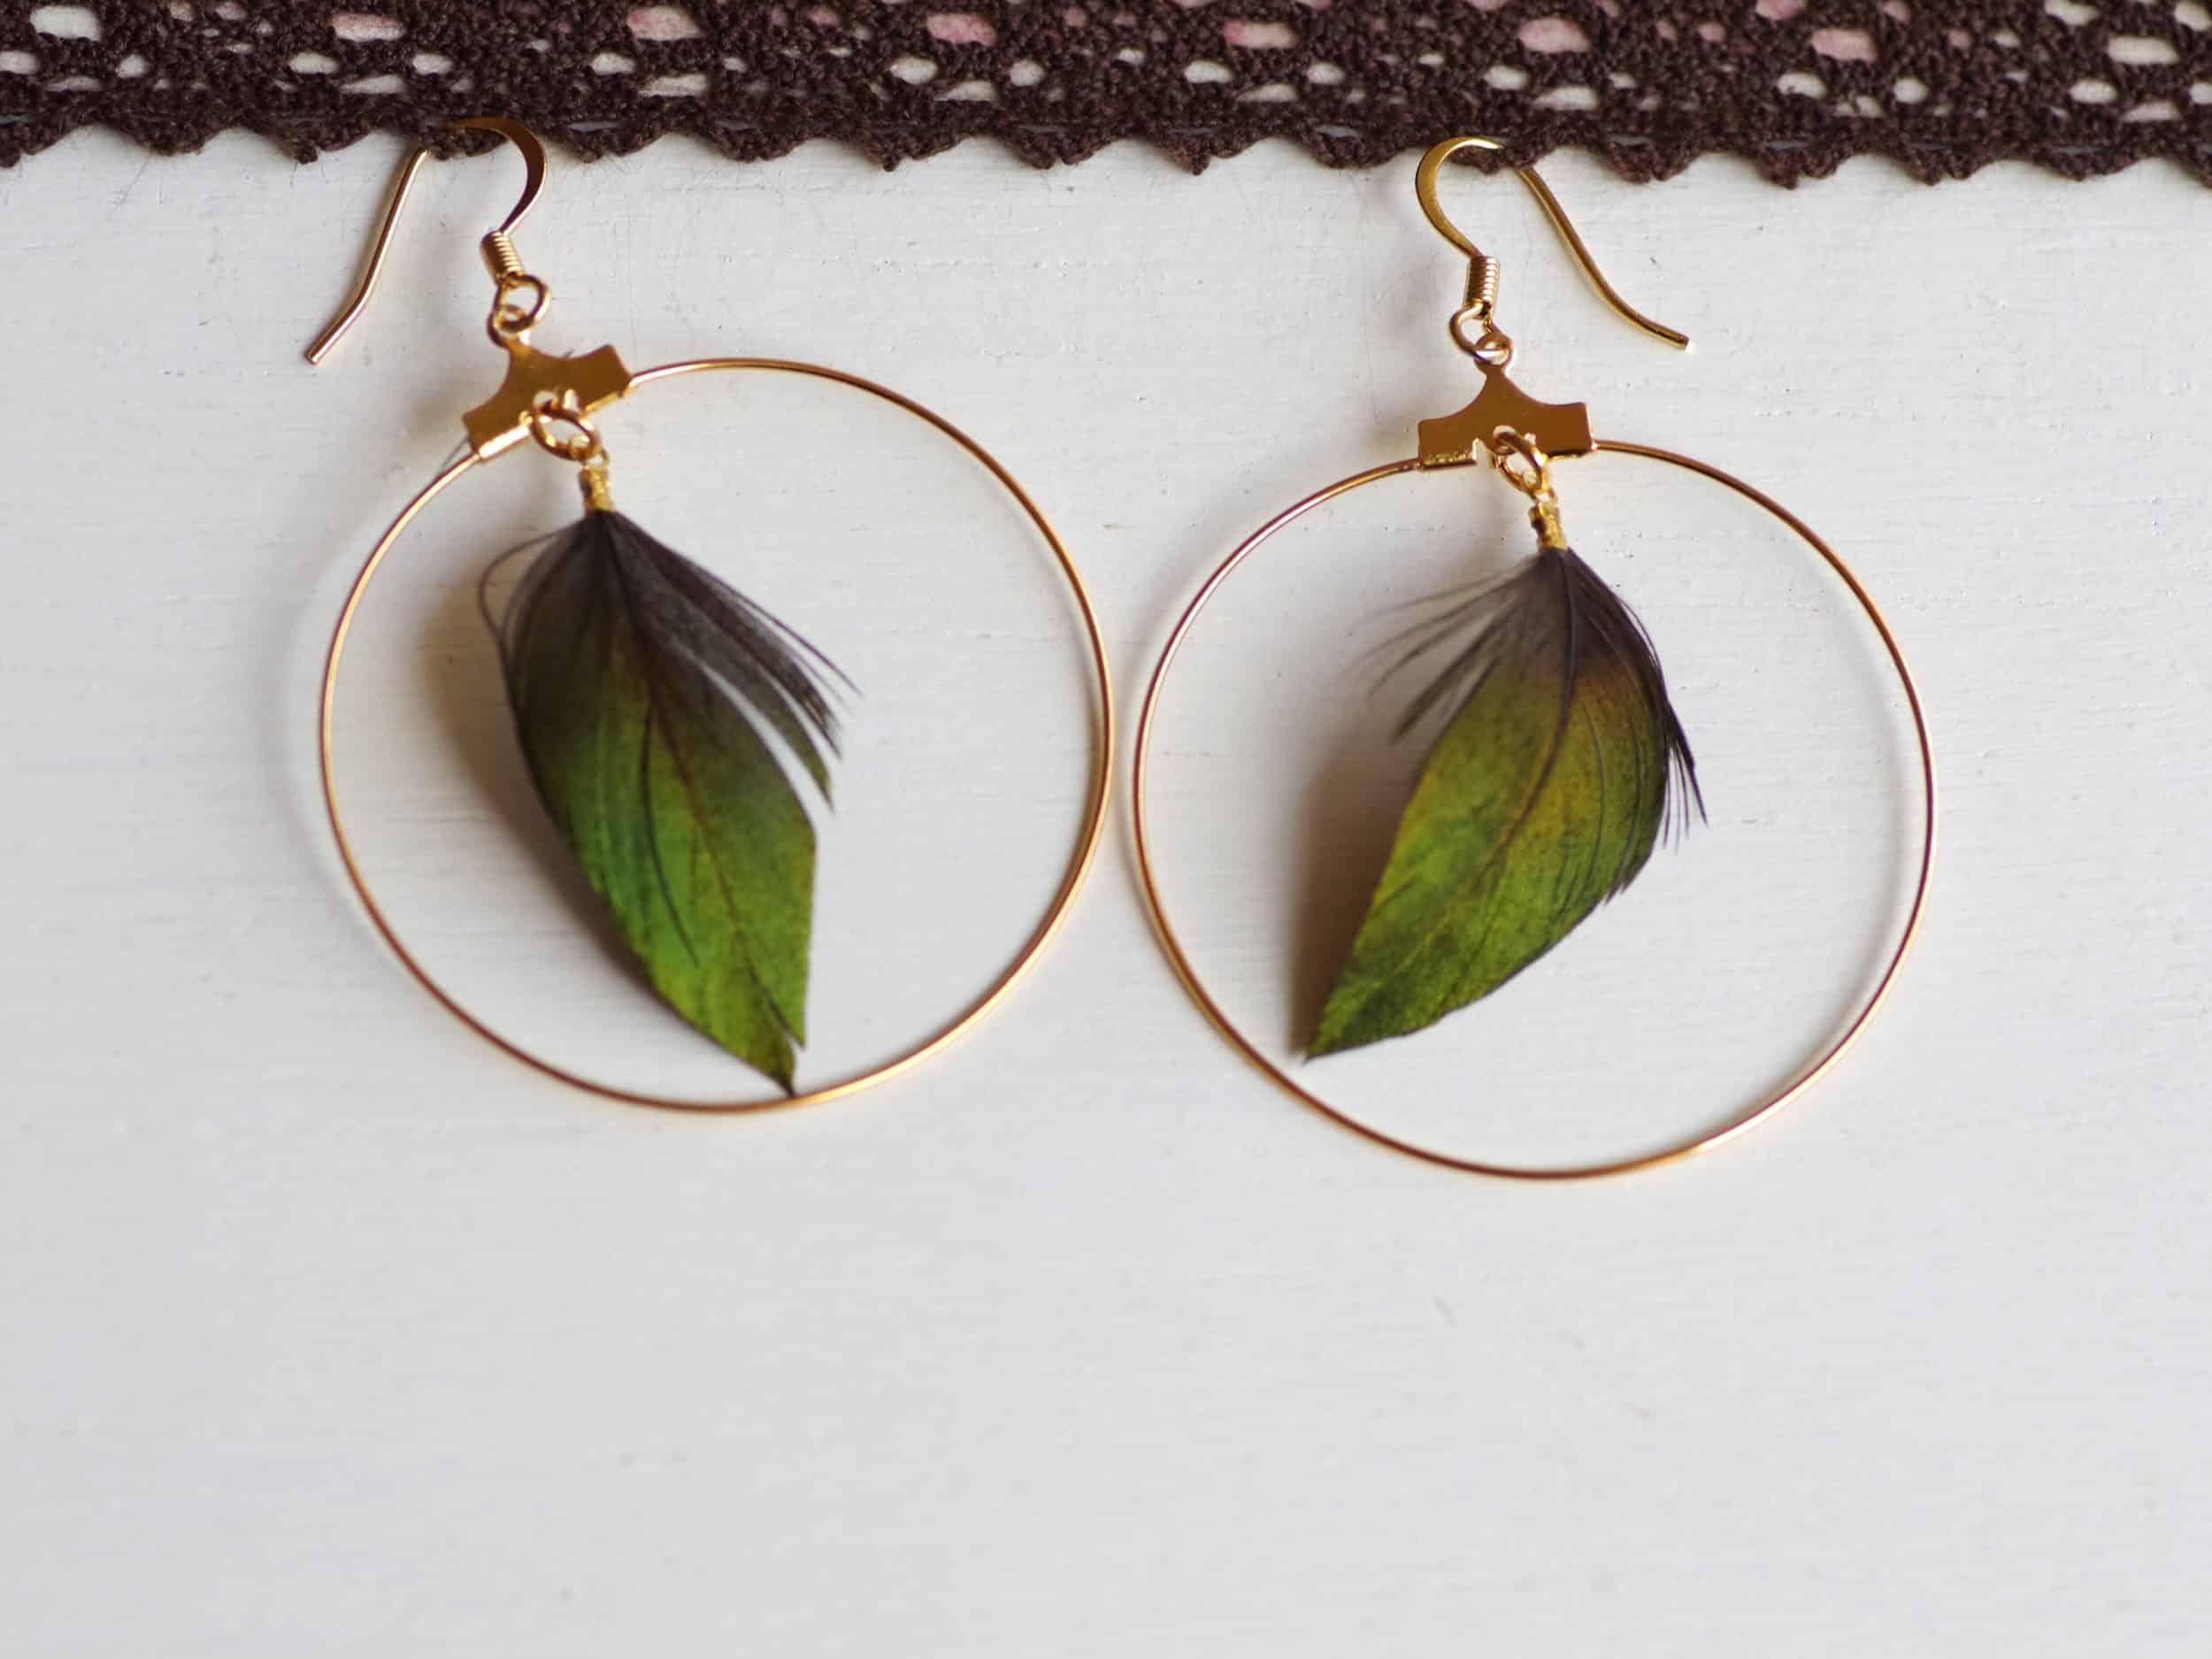 boucles d'oreilles créoles dorées avec une plume verte brillante triangulaire dans l'anneau